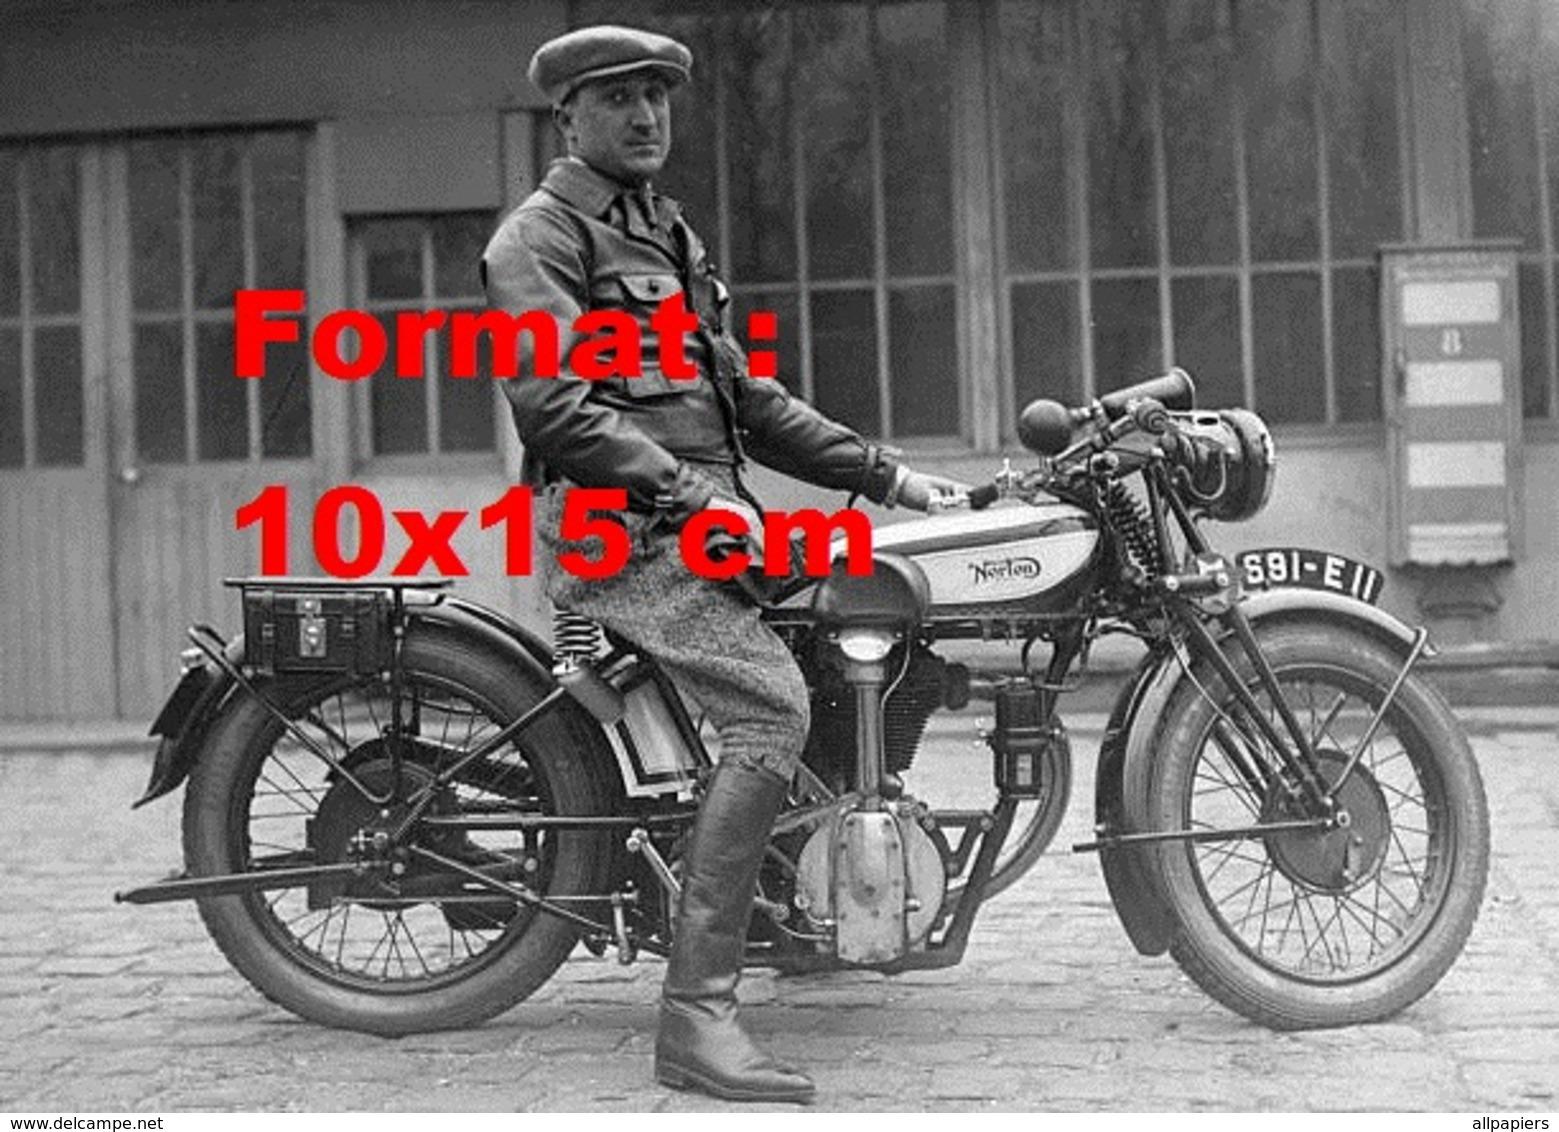 Reproduction D'une Photographie Ancienne D'un Homme Sur Une Ancienne Moto Norton En 1940 - Reproductions